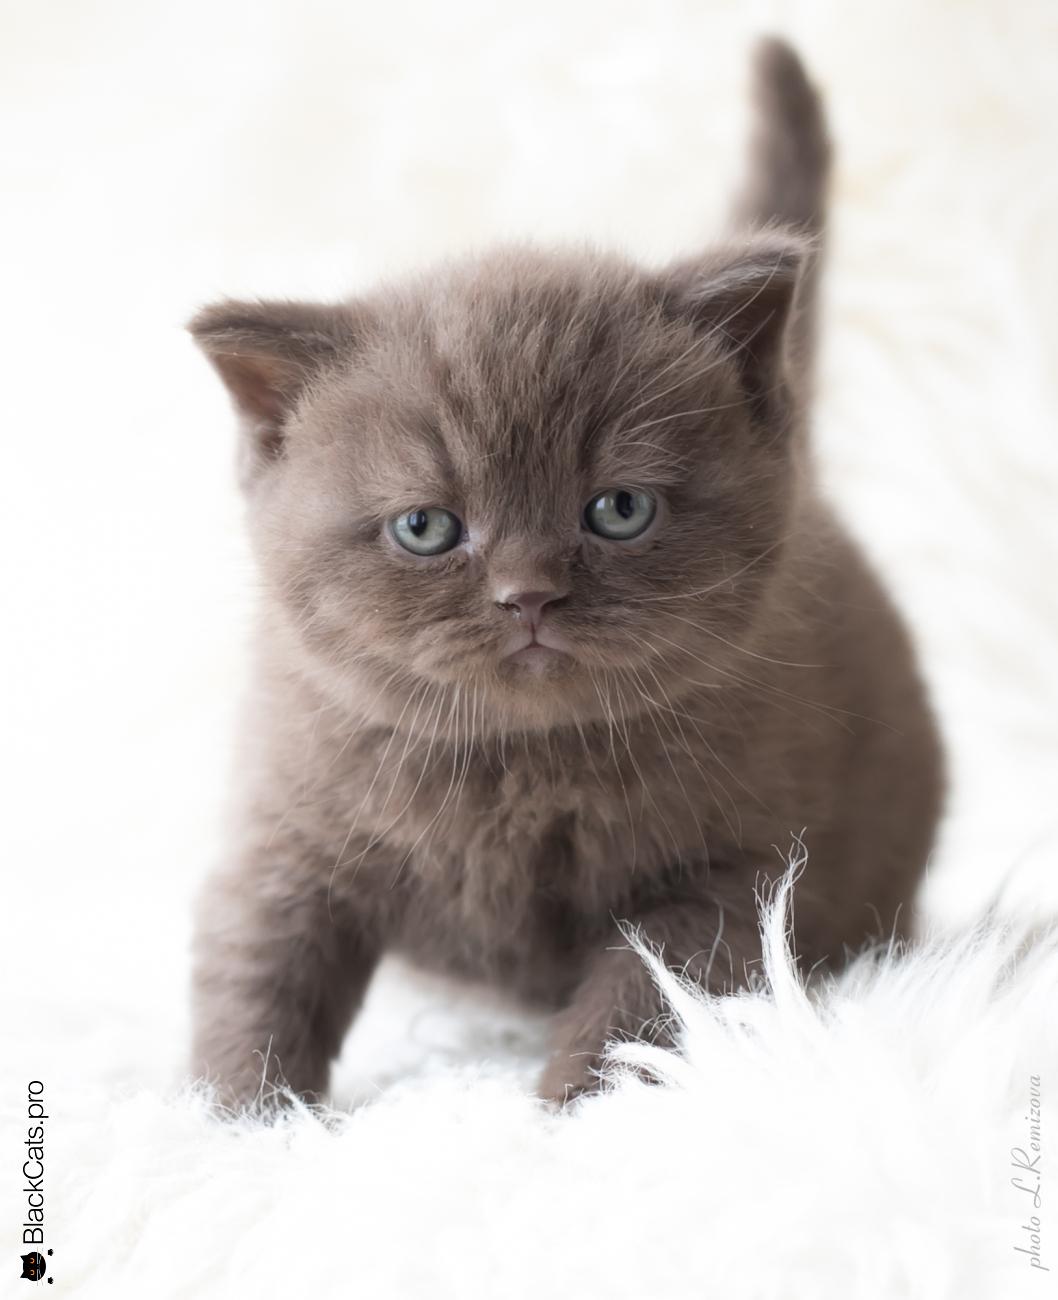 купить шоколадную британскую кошку в Москве